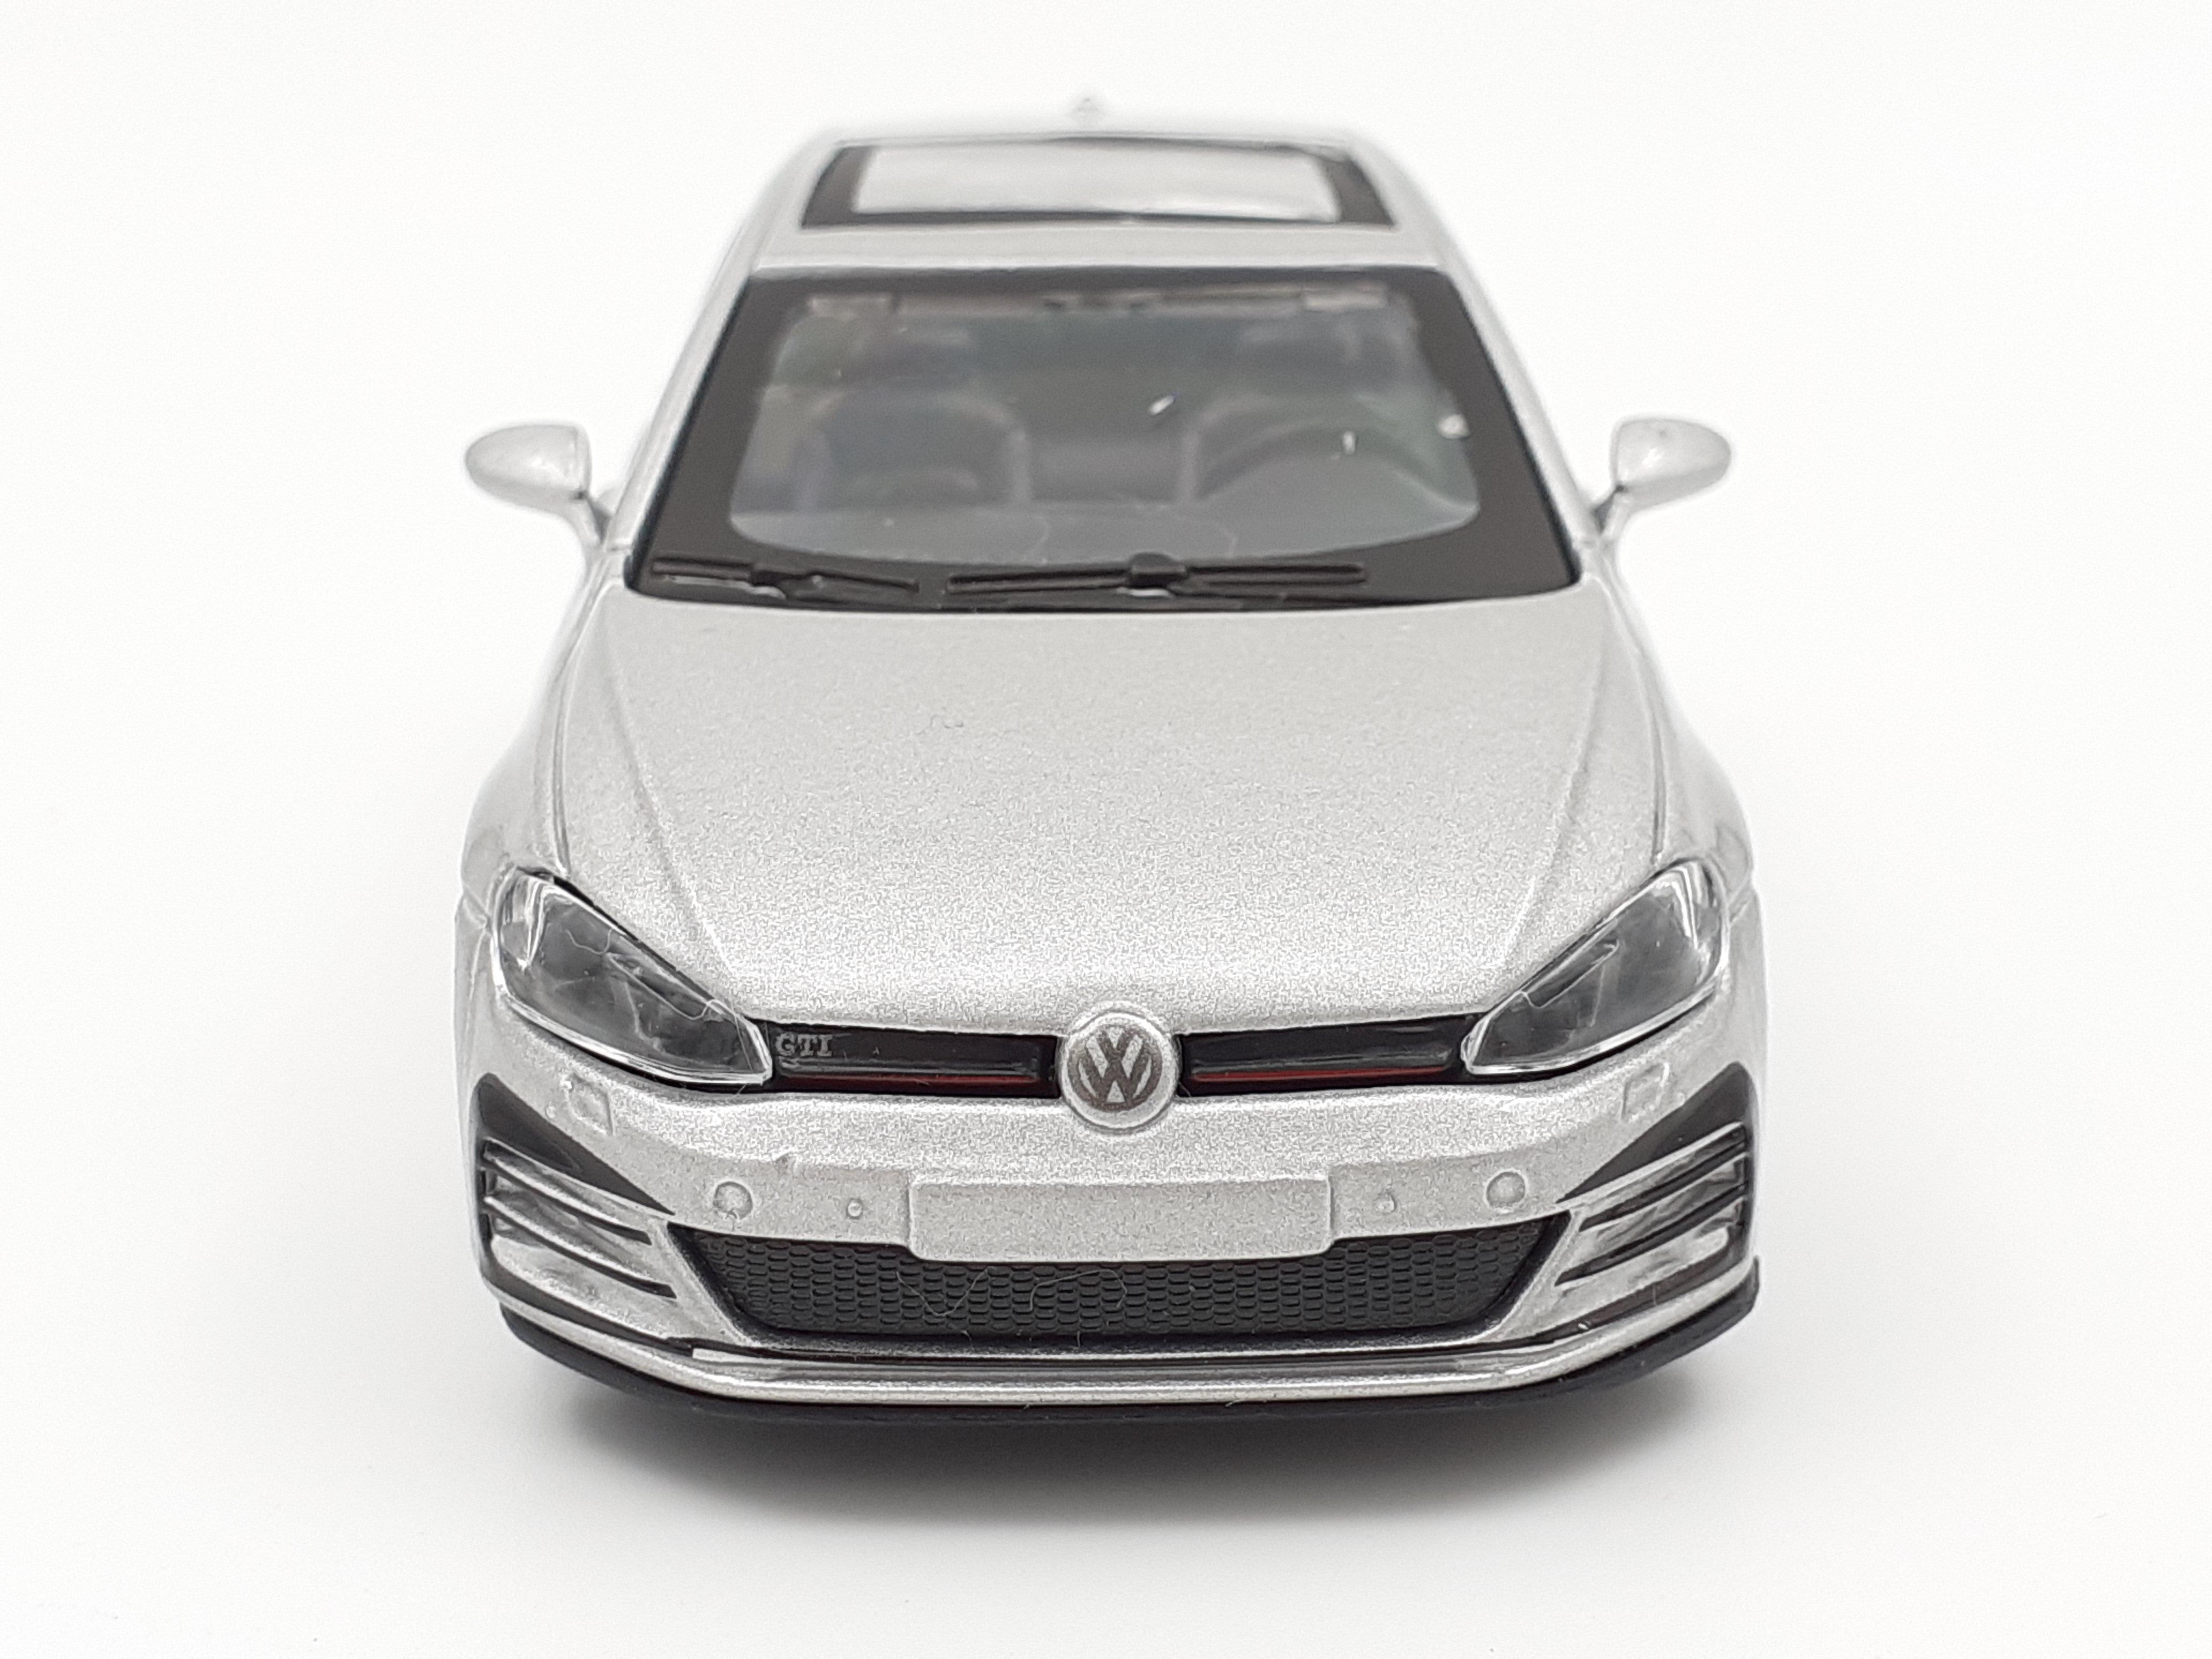 Maisto Volkswagen Golf 7 GTI 1:38